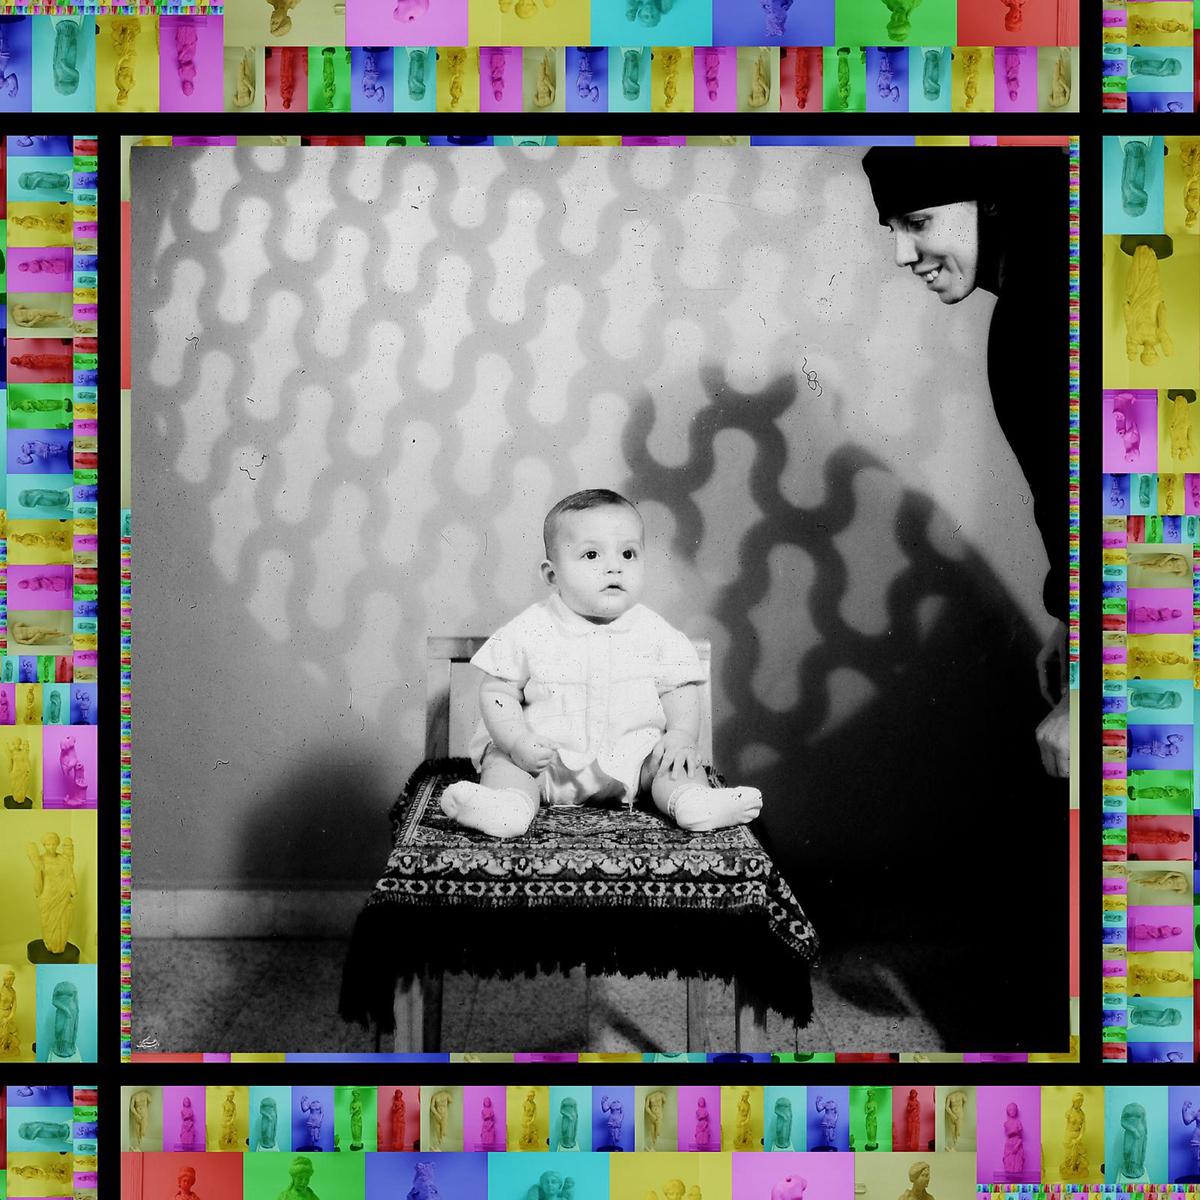 Still Life II للسوري عمار البيك (طباعة حبر على ورق ــ 110×110 سنتم ــ 2008)